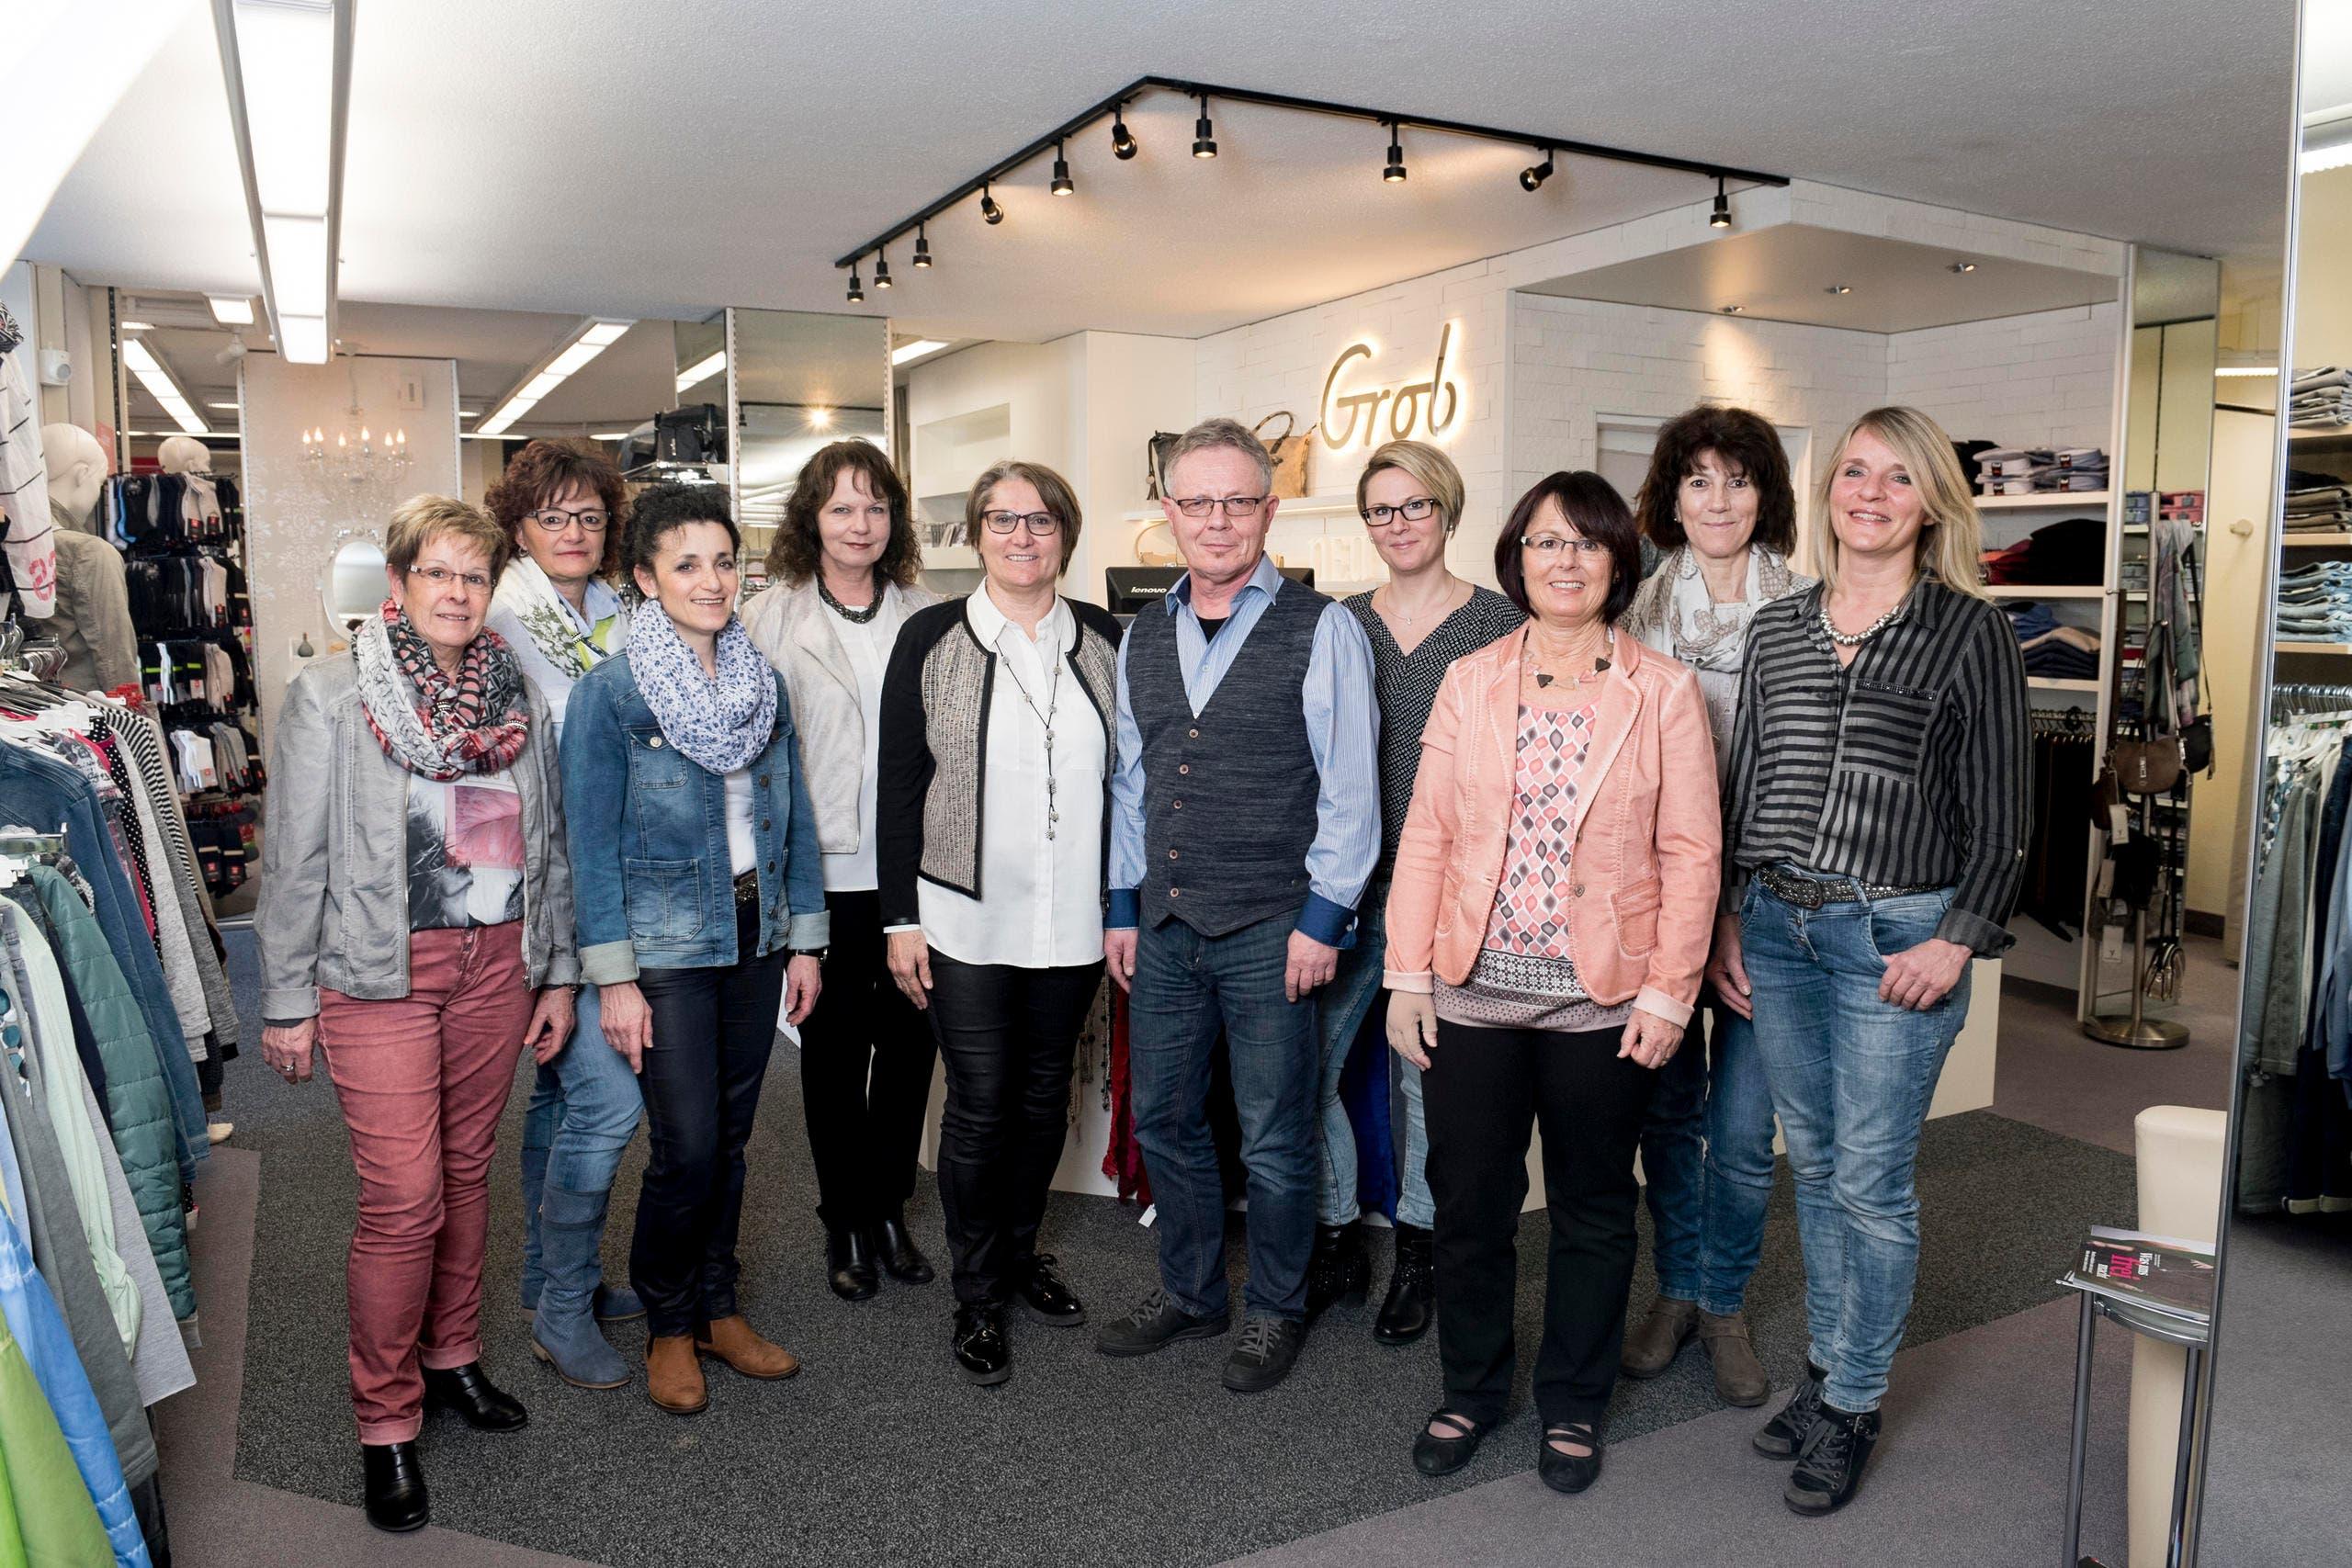 Das Team rund um Geschäftsführerin Angela Dünner (5. von links) im Modehaus Grob. (Bild: Mareycke Frehner)